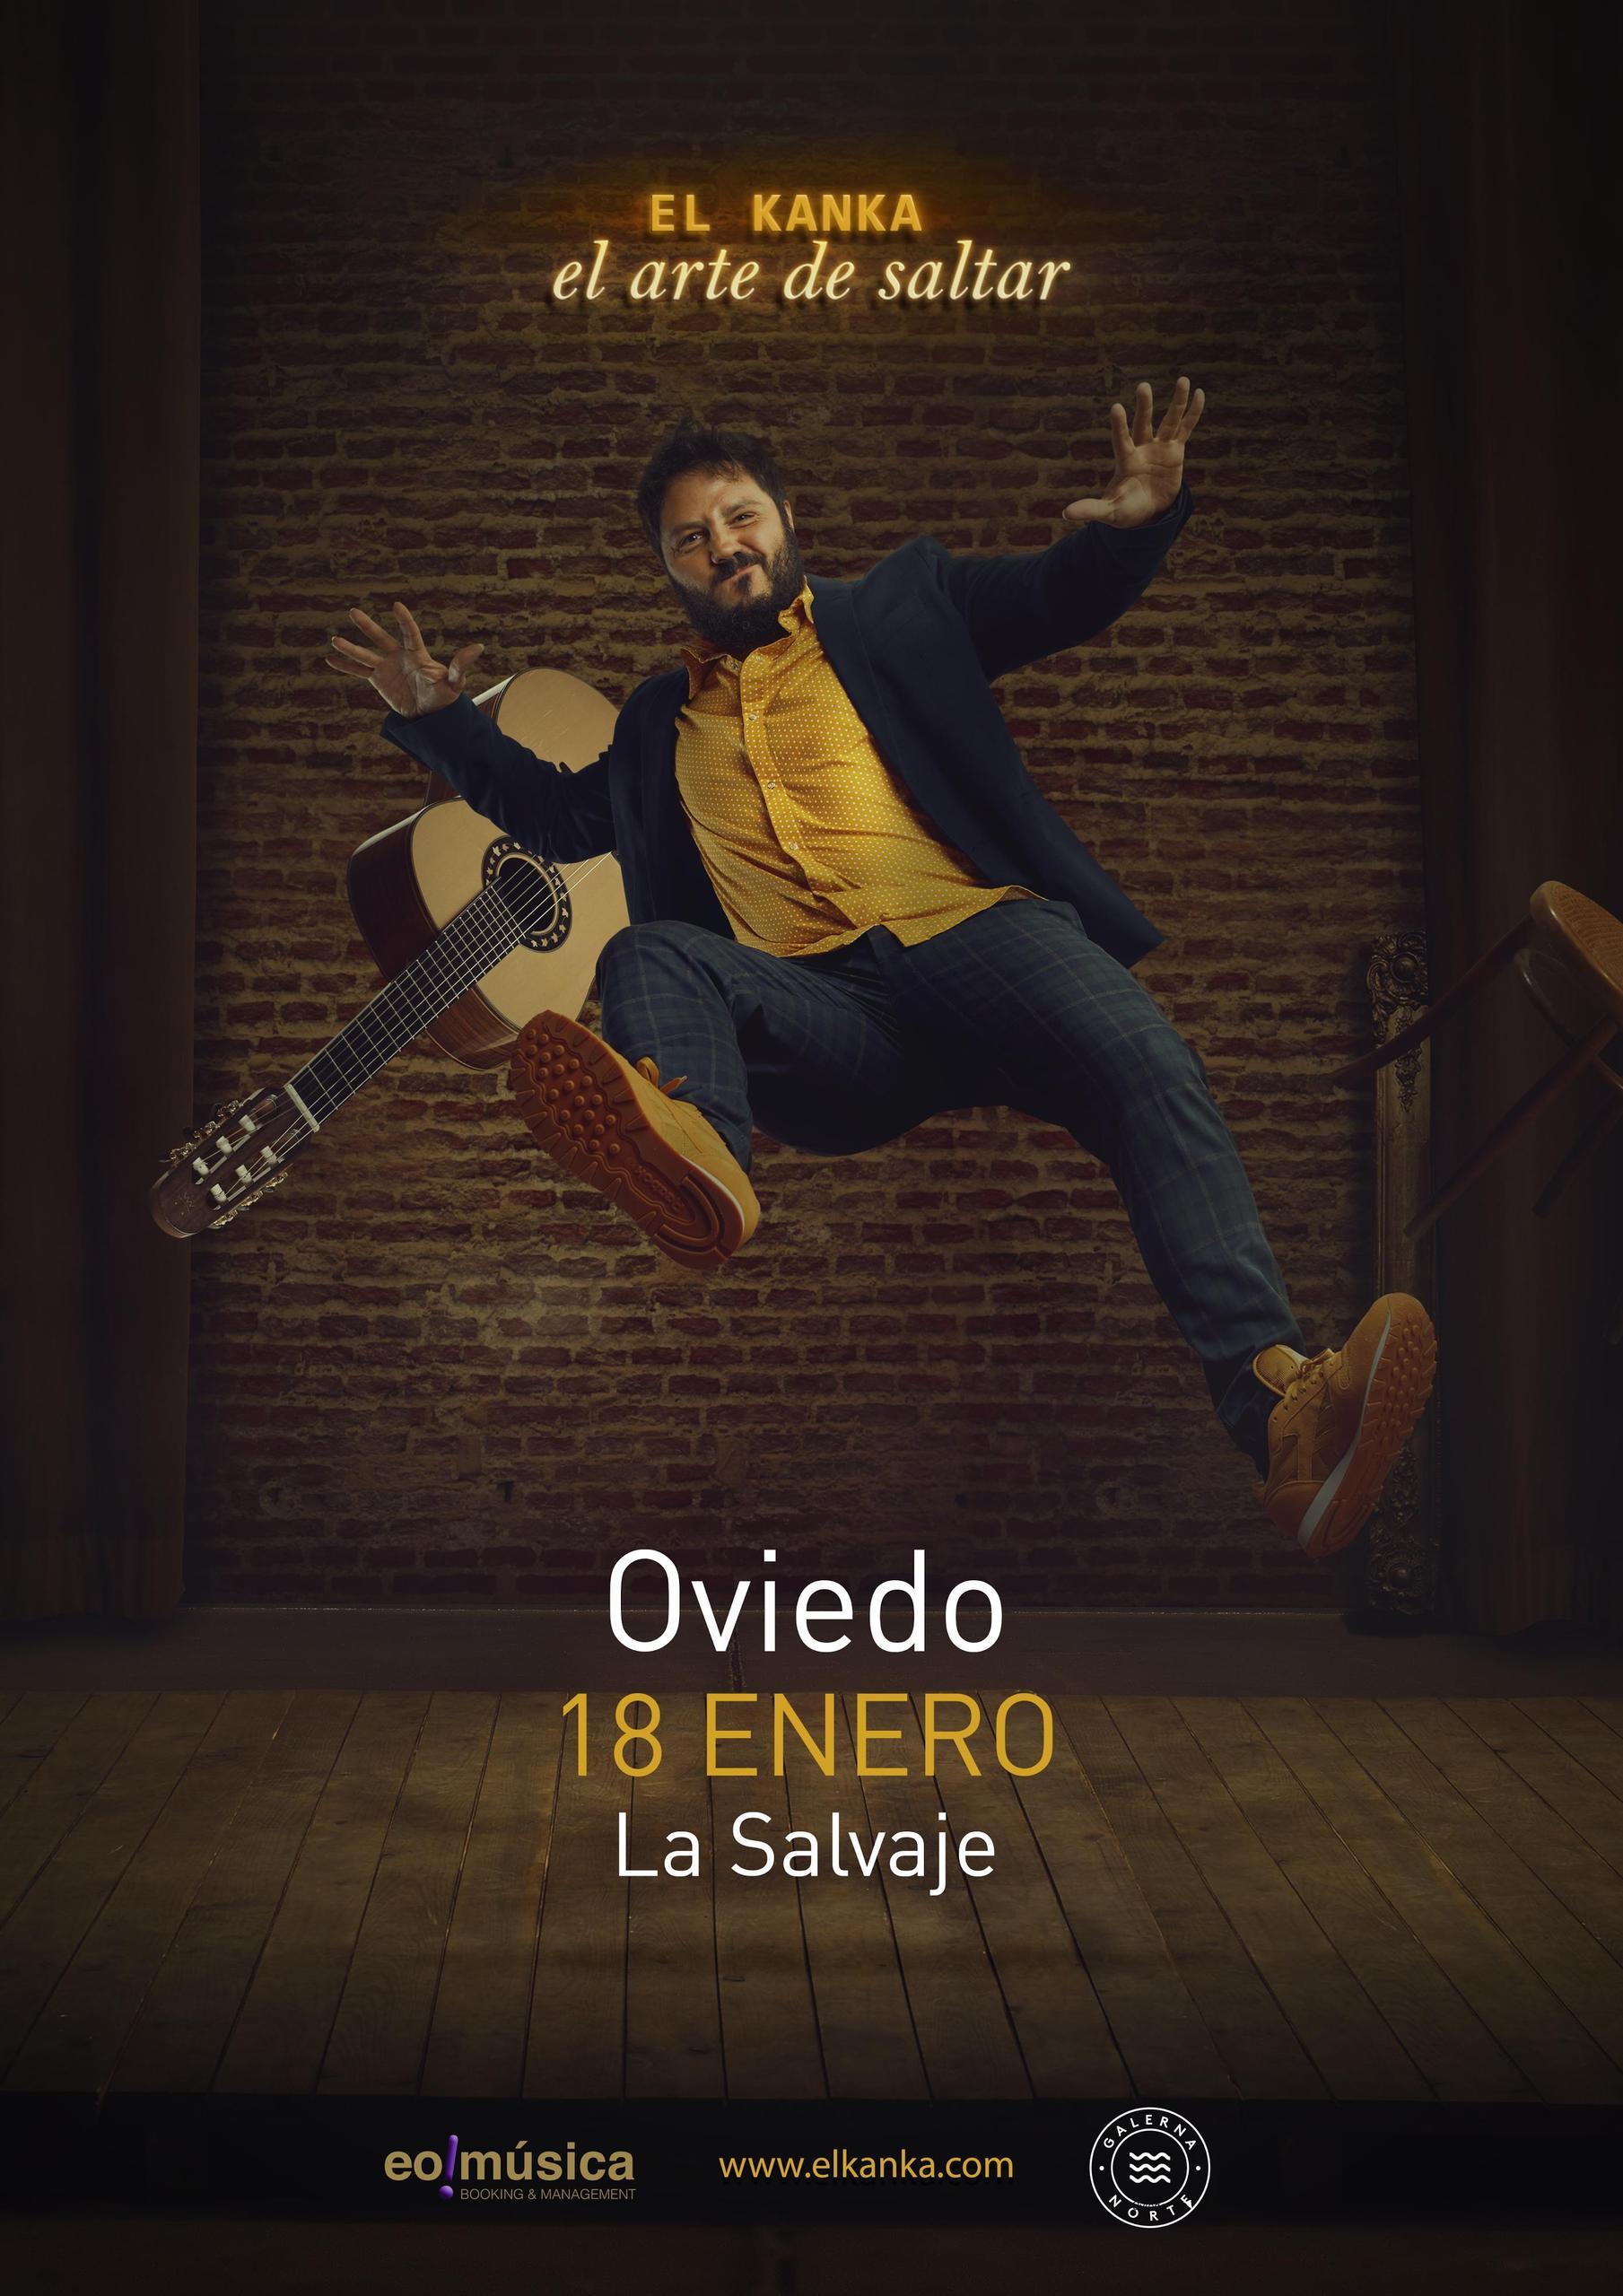 Concierto de El Kanka en Oviedo